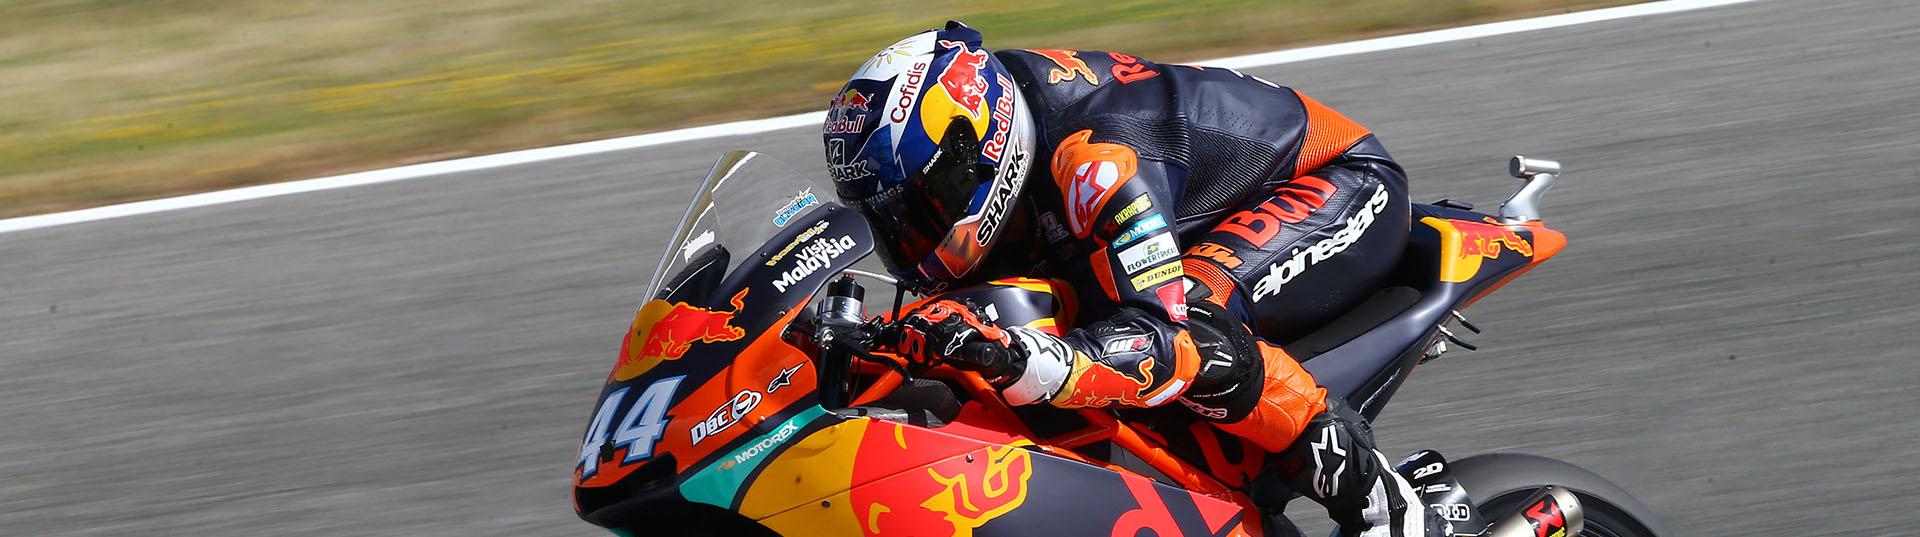 Miguel Oliveira terceiro em Jerez